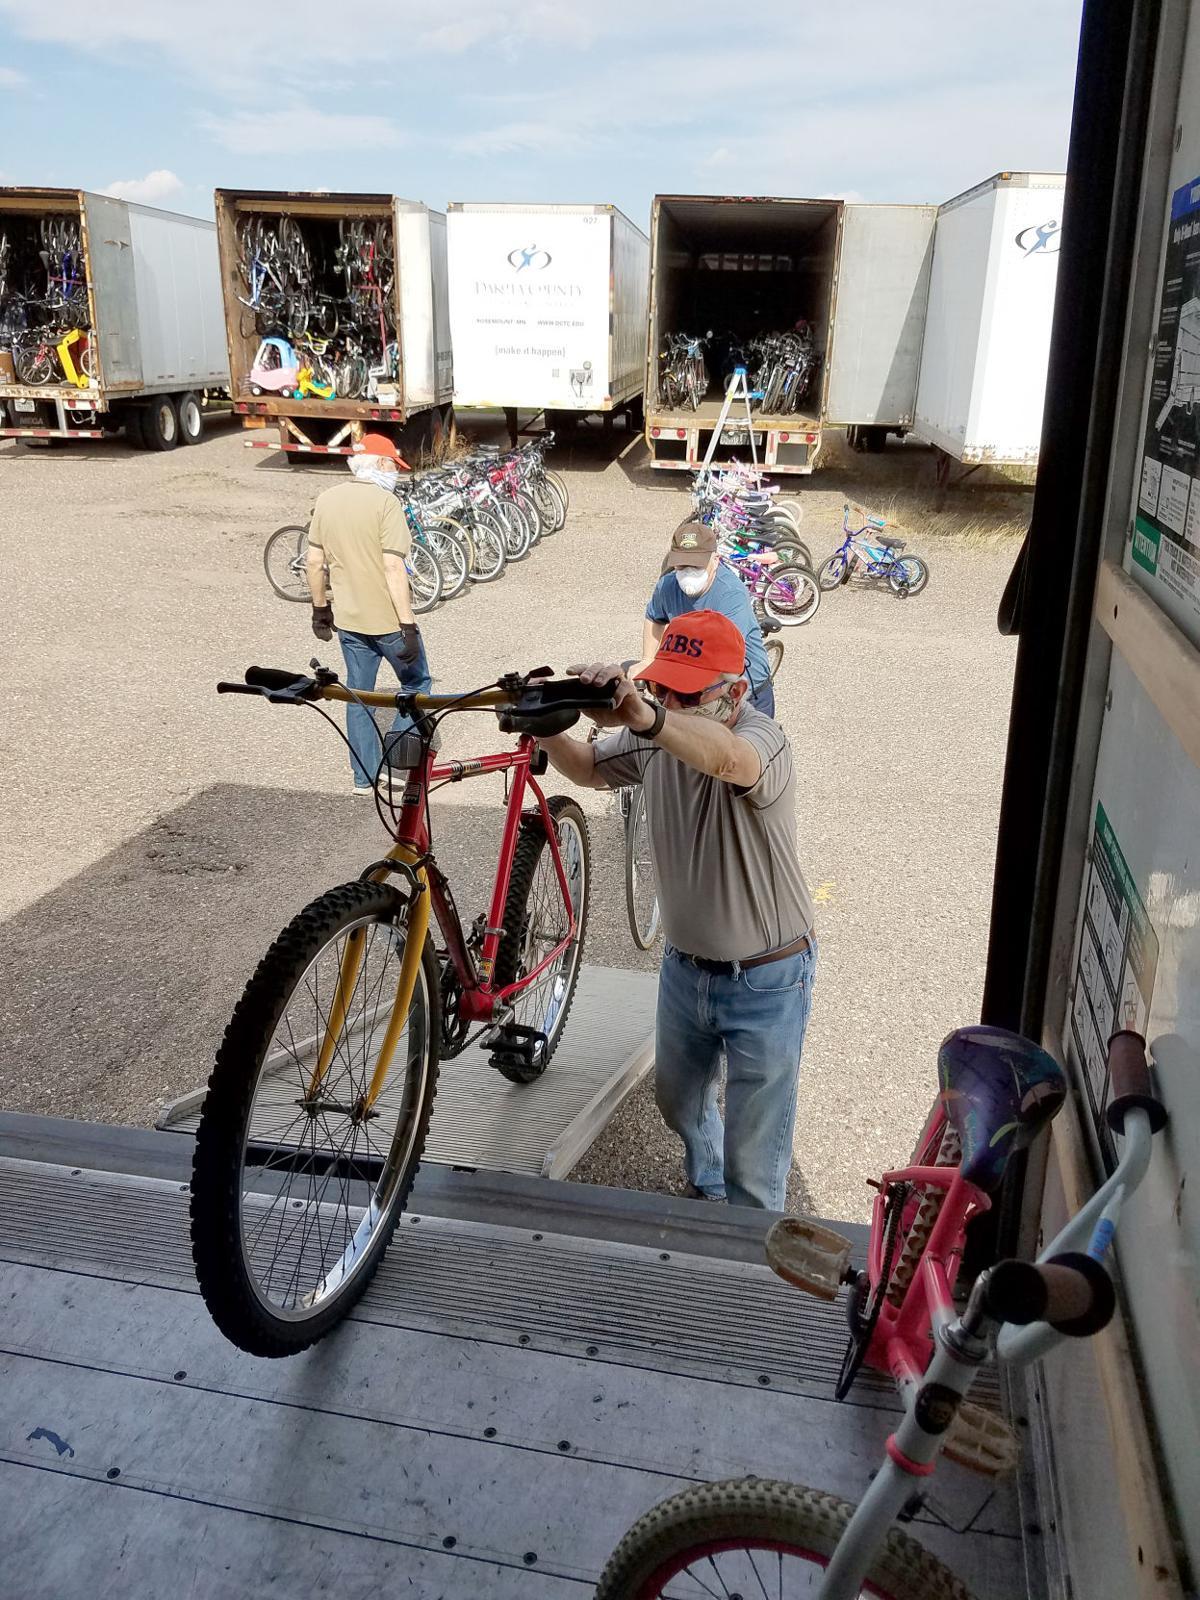 avrm bike donation 2 web.jpg